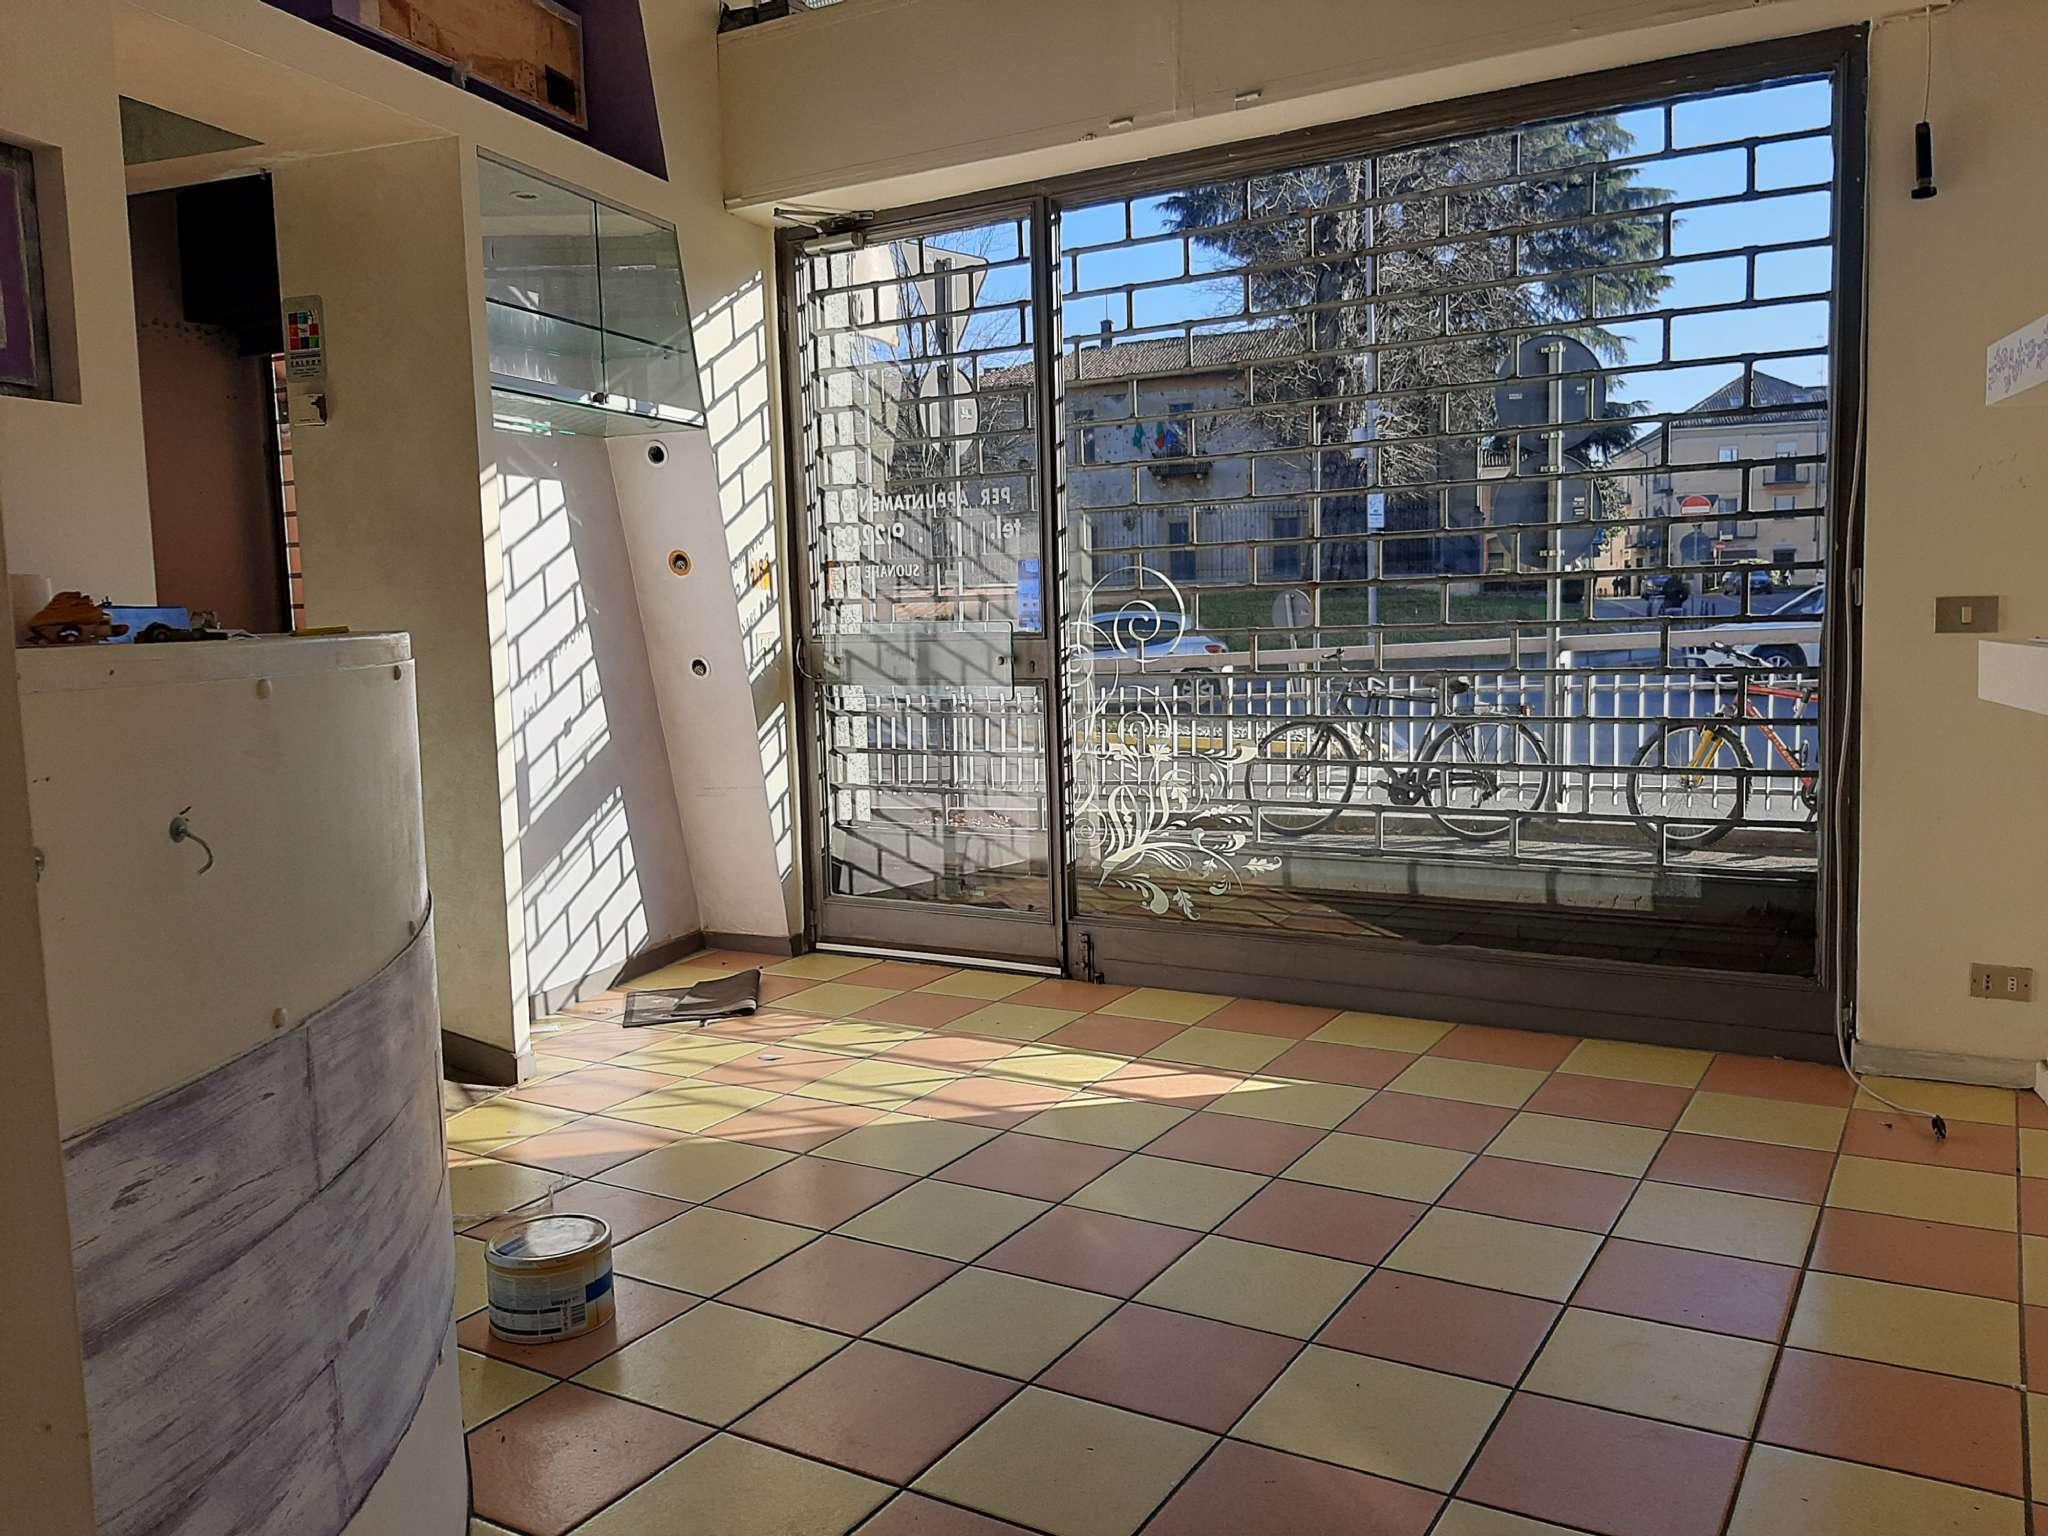 Negozio / Locale in affitto a Magenta, 2 locali, prezzo € 1.000 | PortaleAgenzieImmobiliari.it